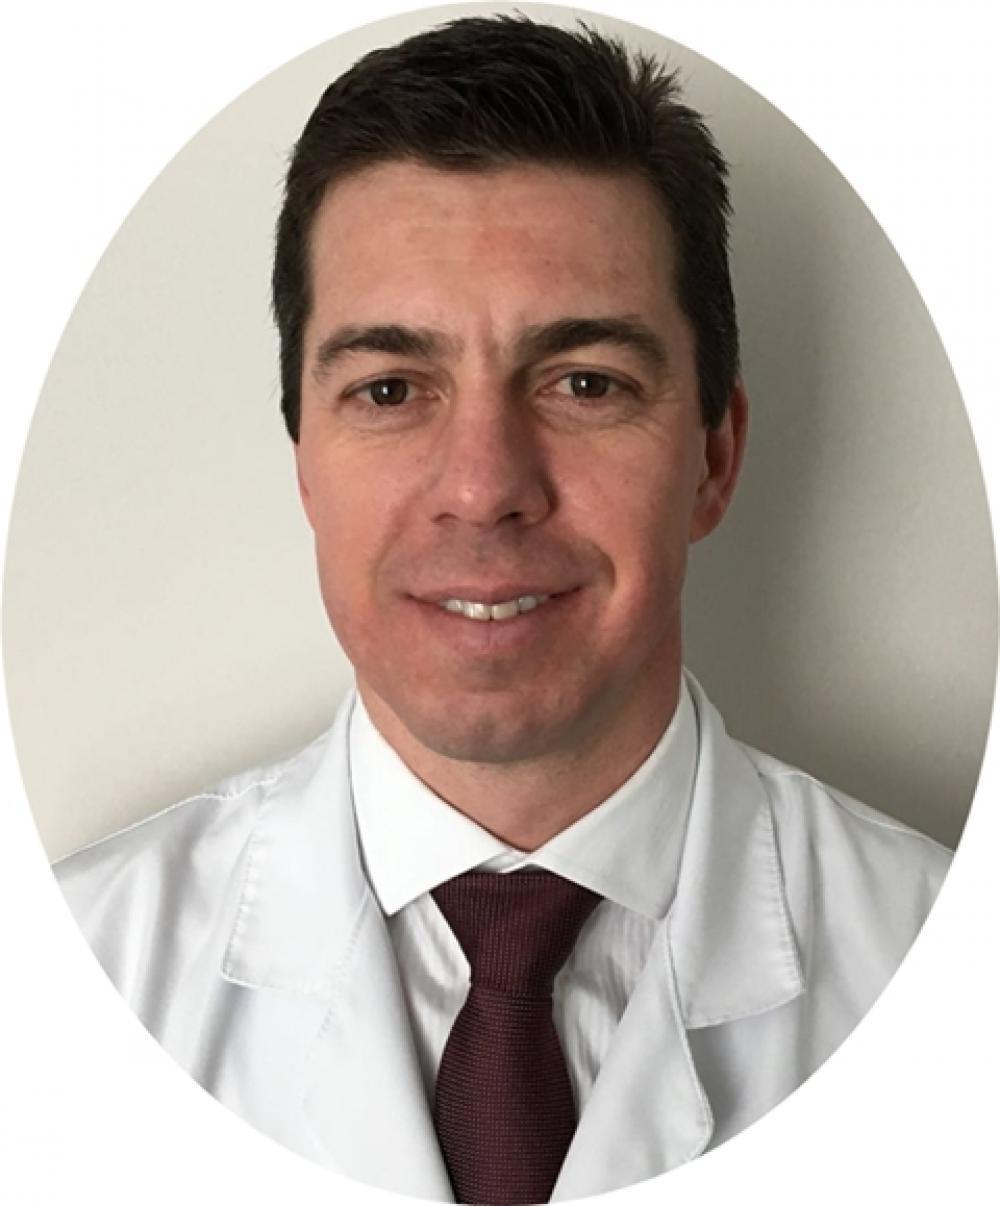 Dr. Crhistiano Coleto Druszcz